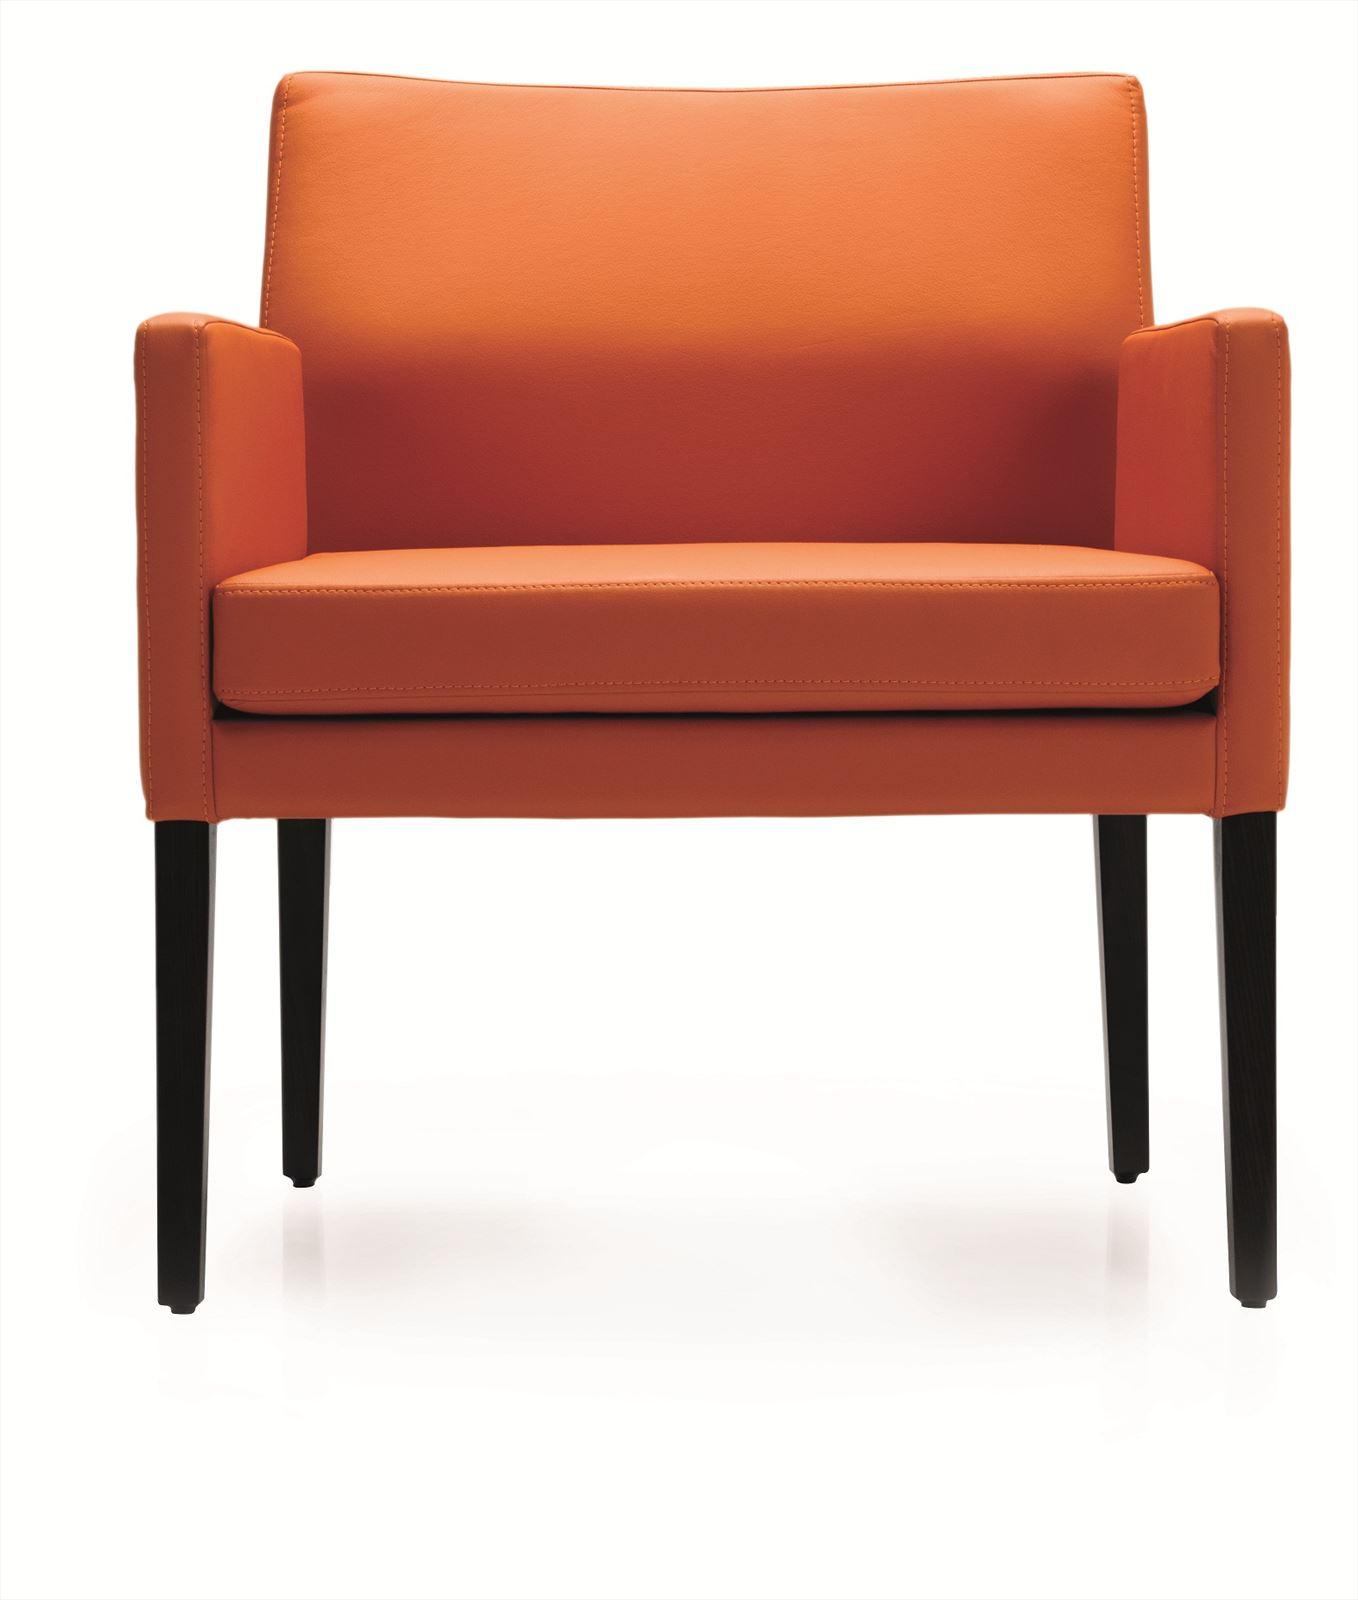 Atelier deberenn loungemeubel vera met diverse mogelijkheden online kopen bij van lith supplies - Traditionele fauteuil ...